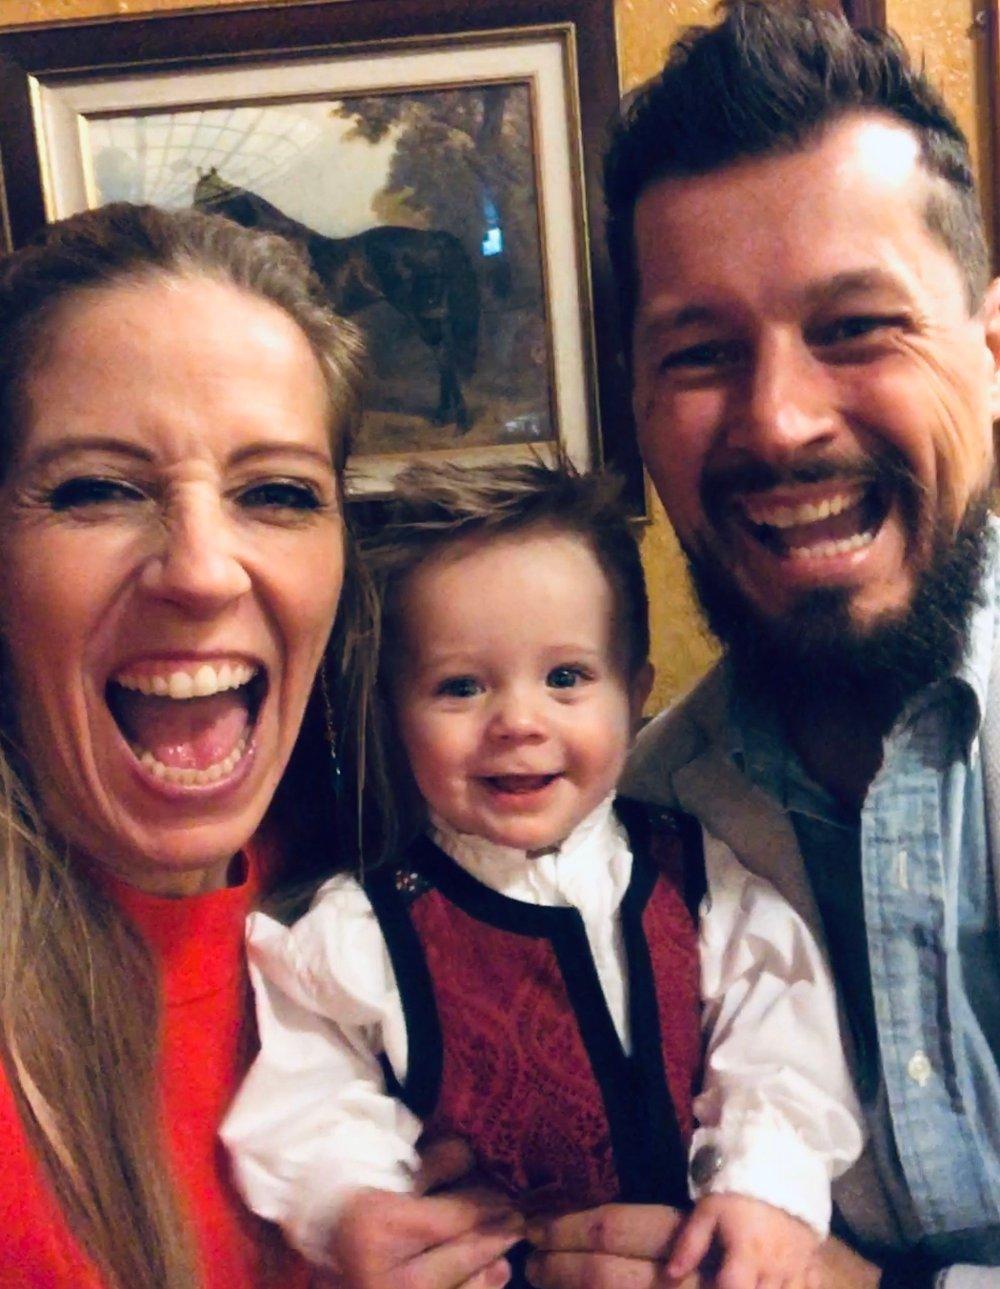 Klikk på bildet for å forstørre. EN LYKKELIG FAMILIE: Dette bildet ble tatt julen 2018, drøyt syv måneder før samboeren gikk bort.